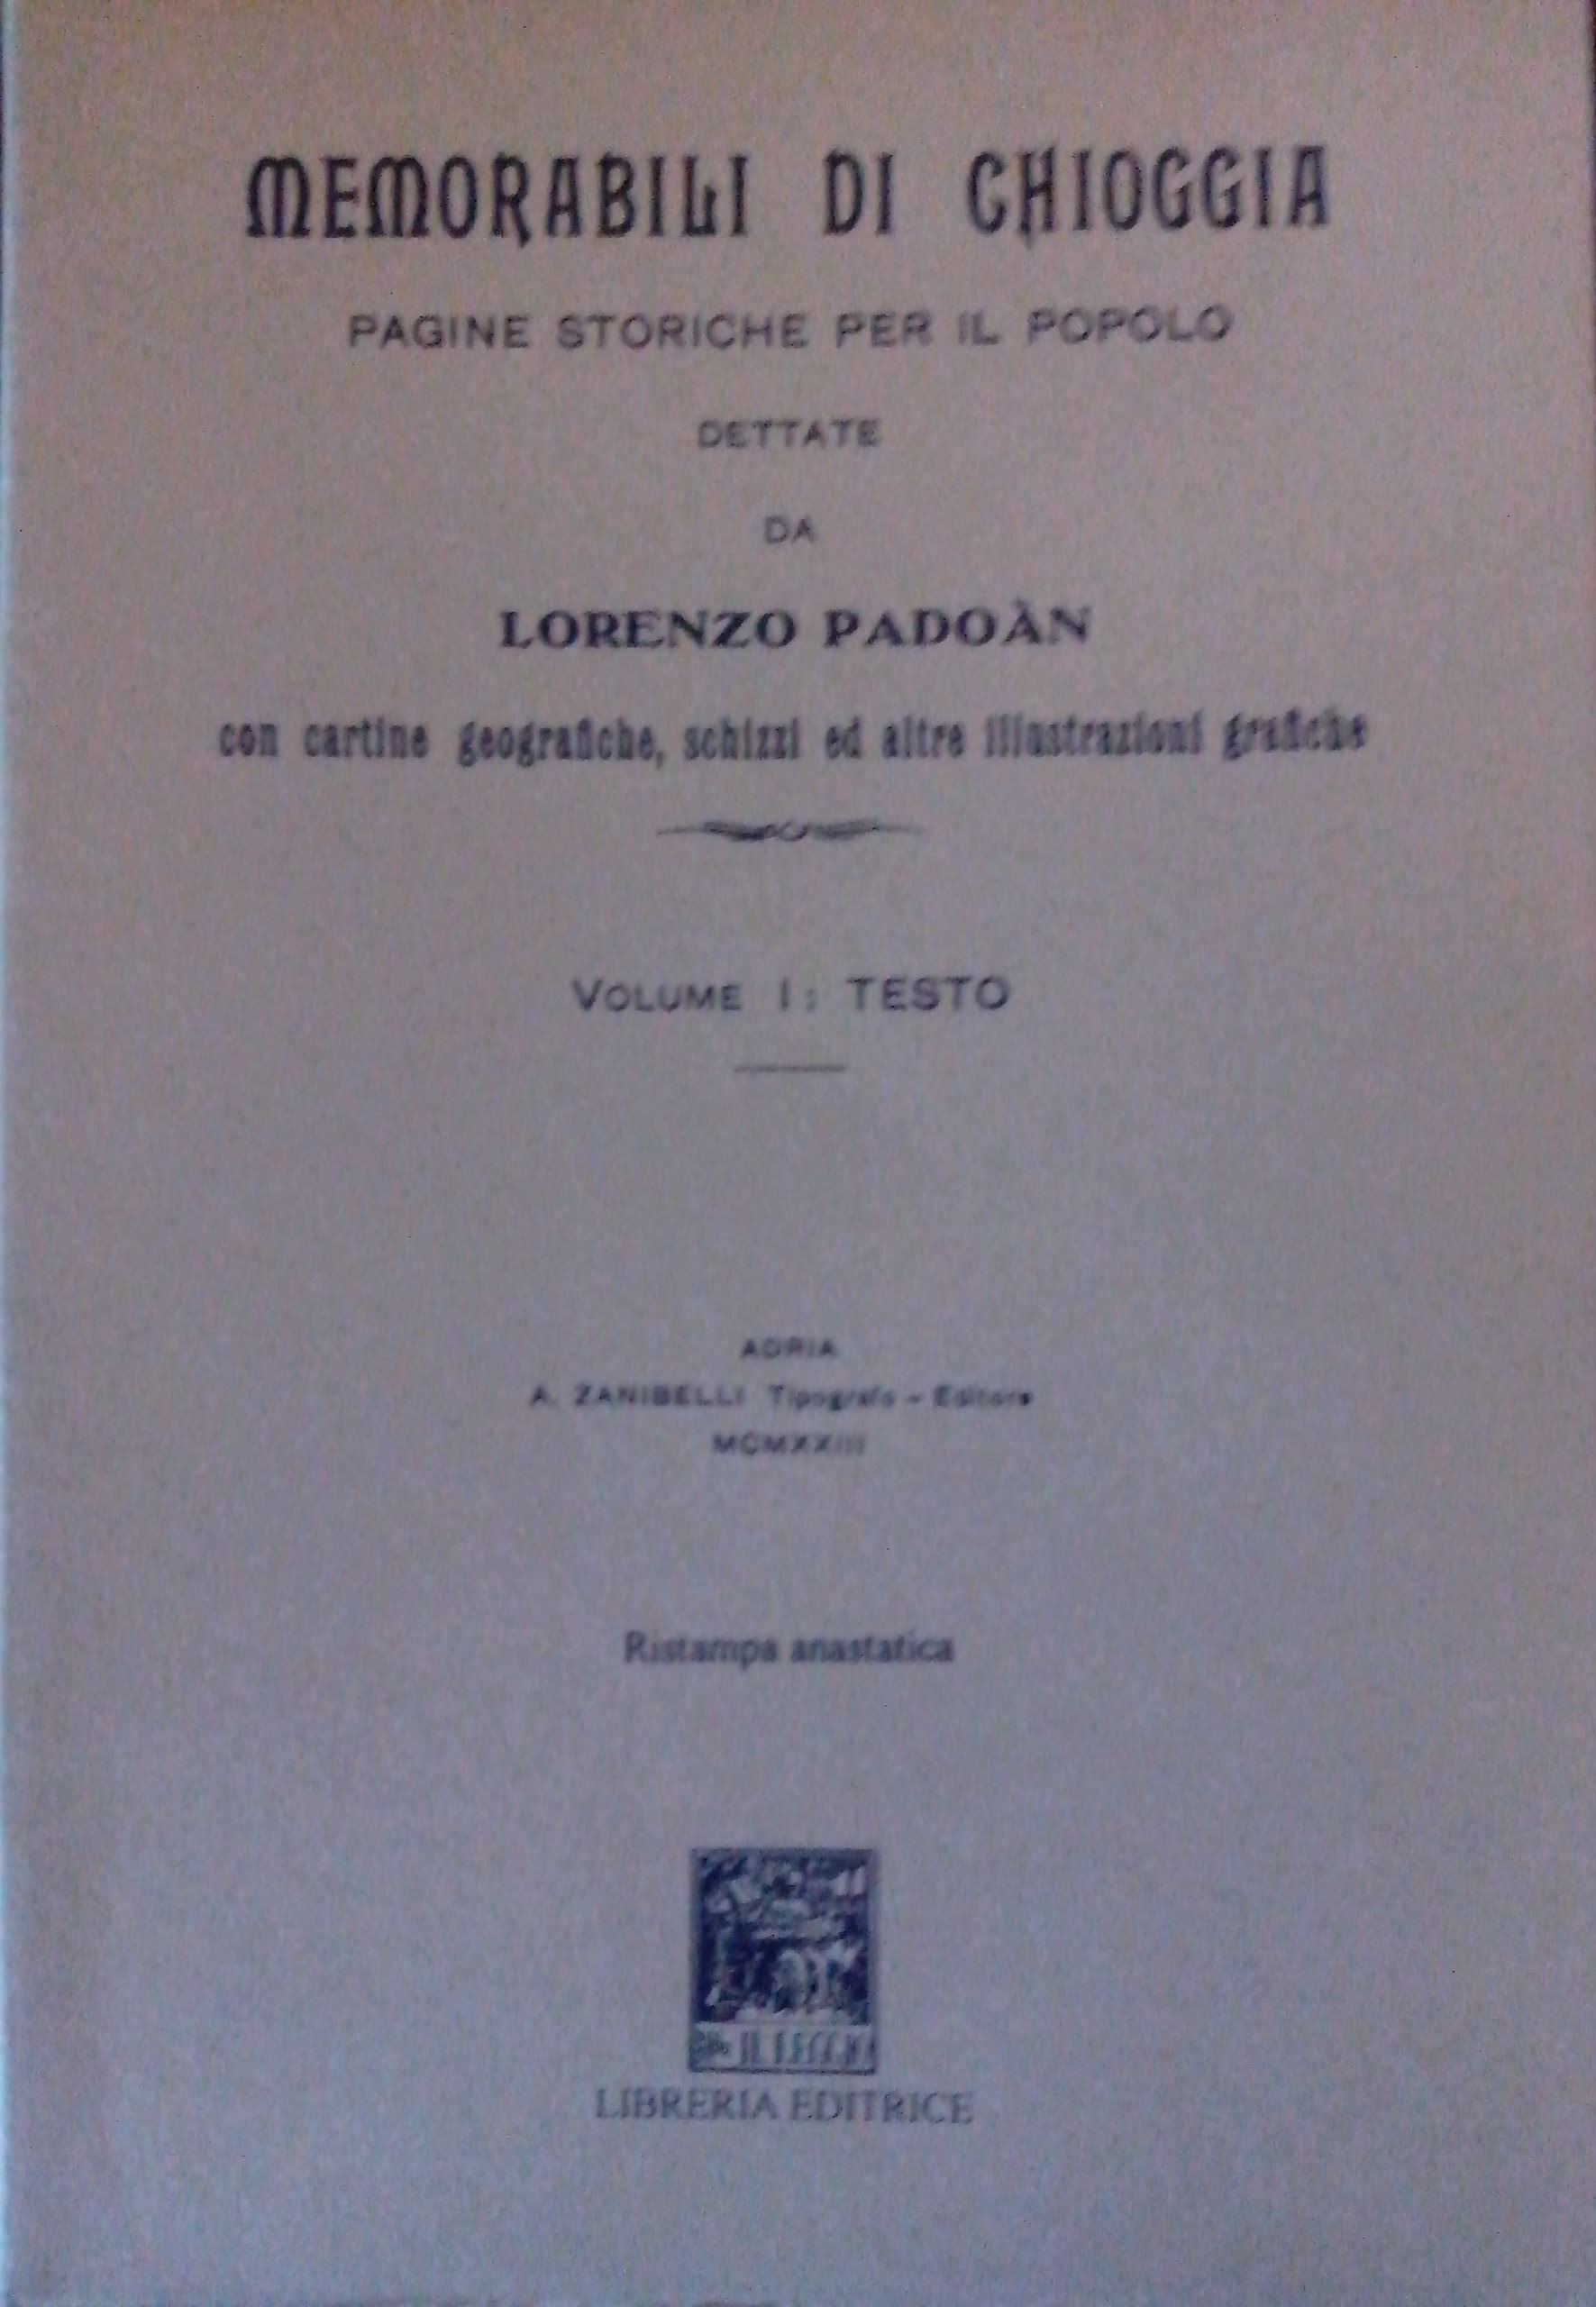 Memorabili di Chioggia (rist